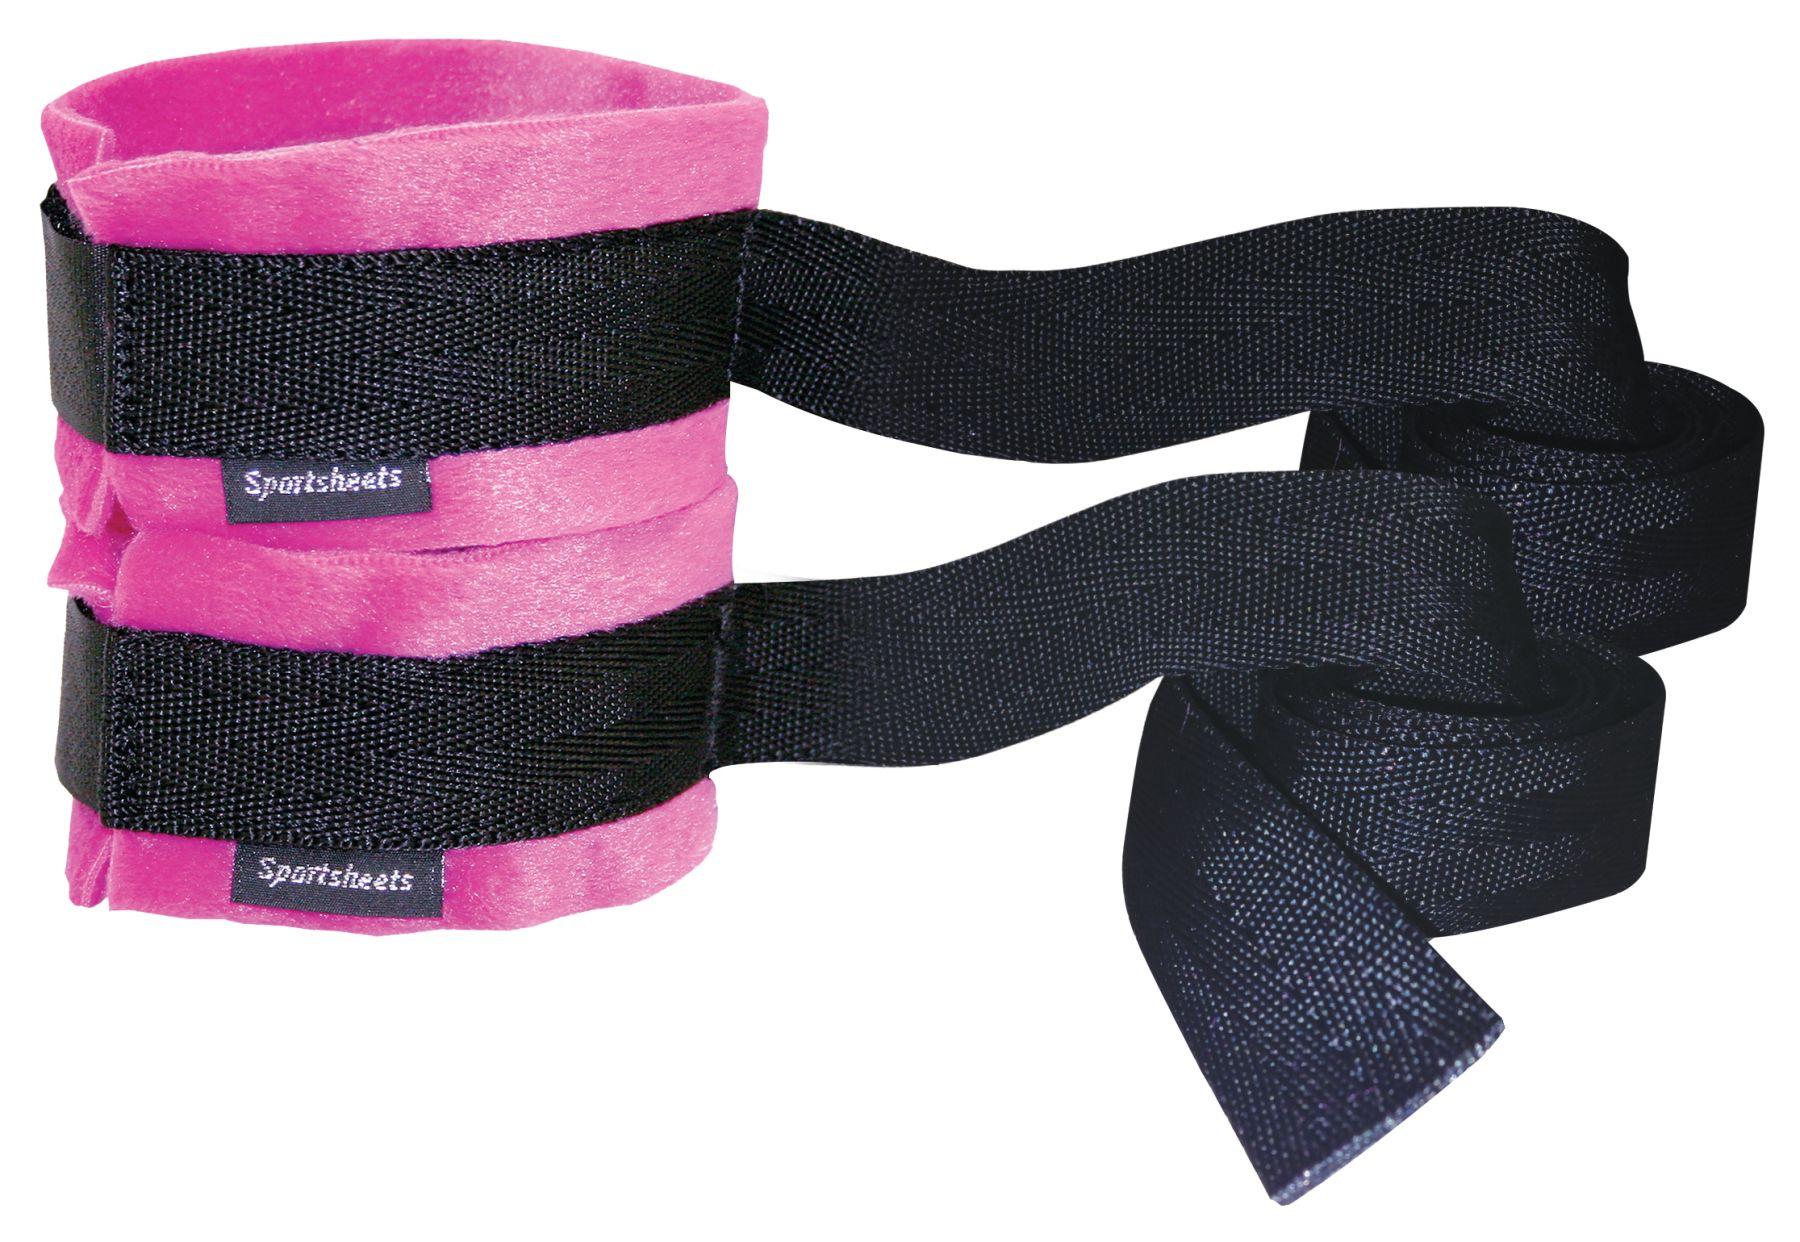 БДСМ наручники - Наручники Sportsheets Kinky Pinky Cuffs